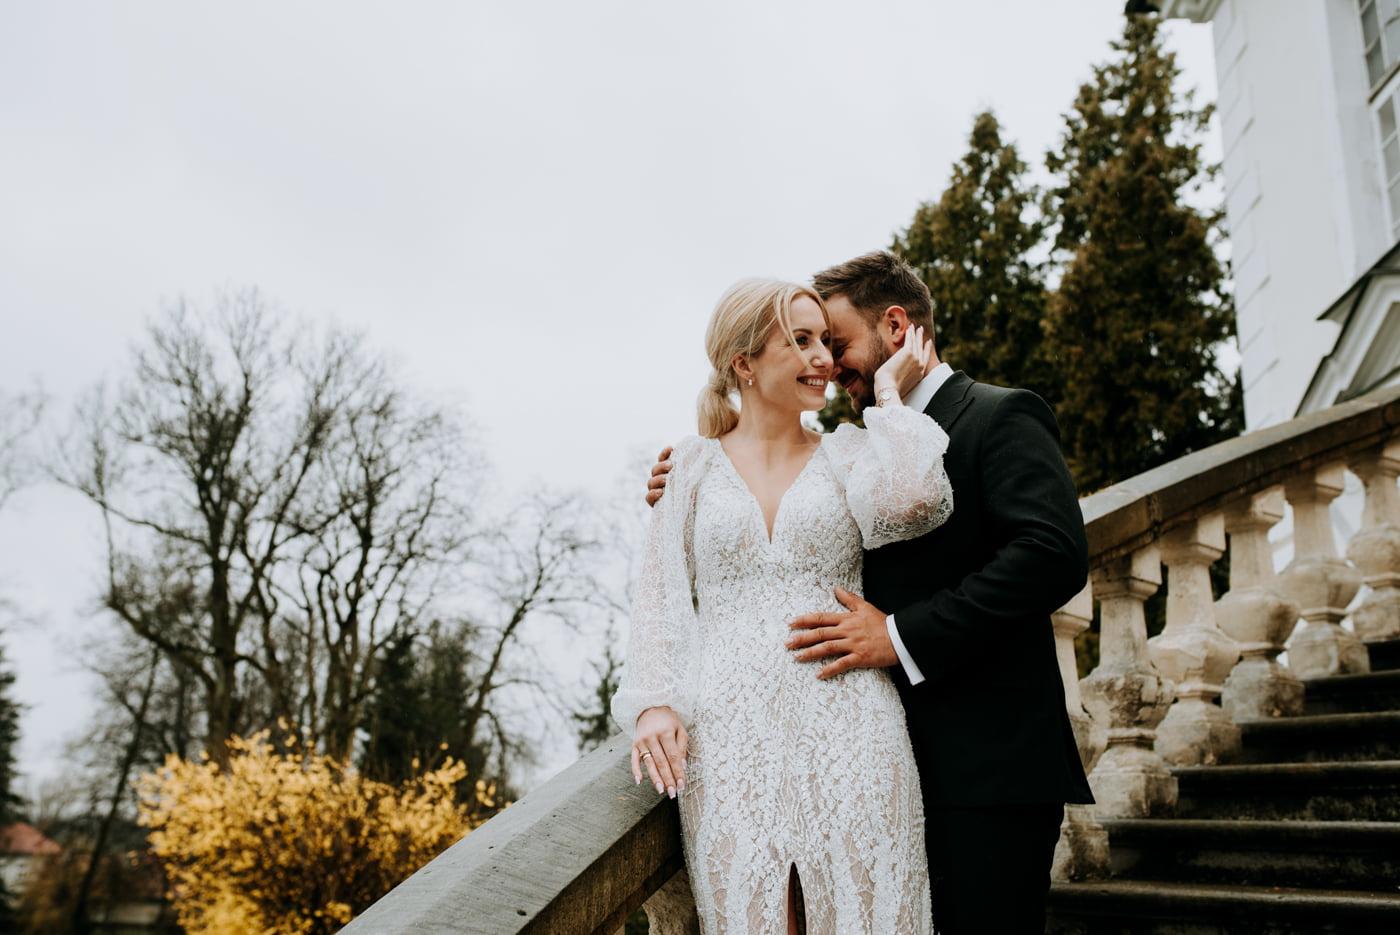 Sesja ślubna w Pałacu- Angelika i Kamil 29